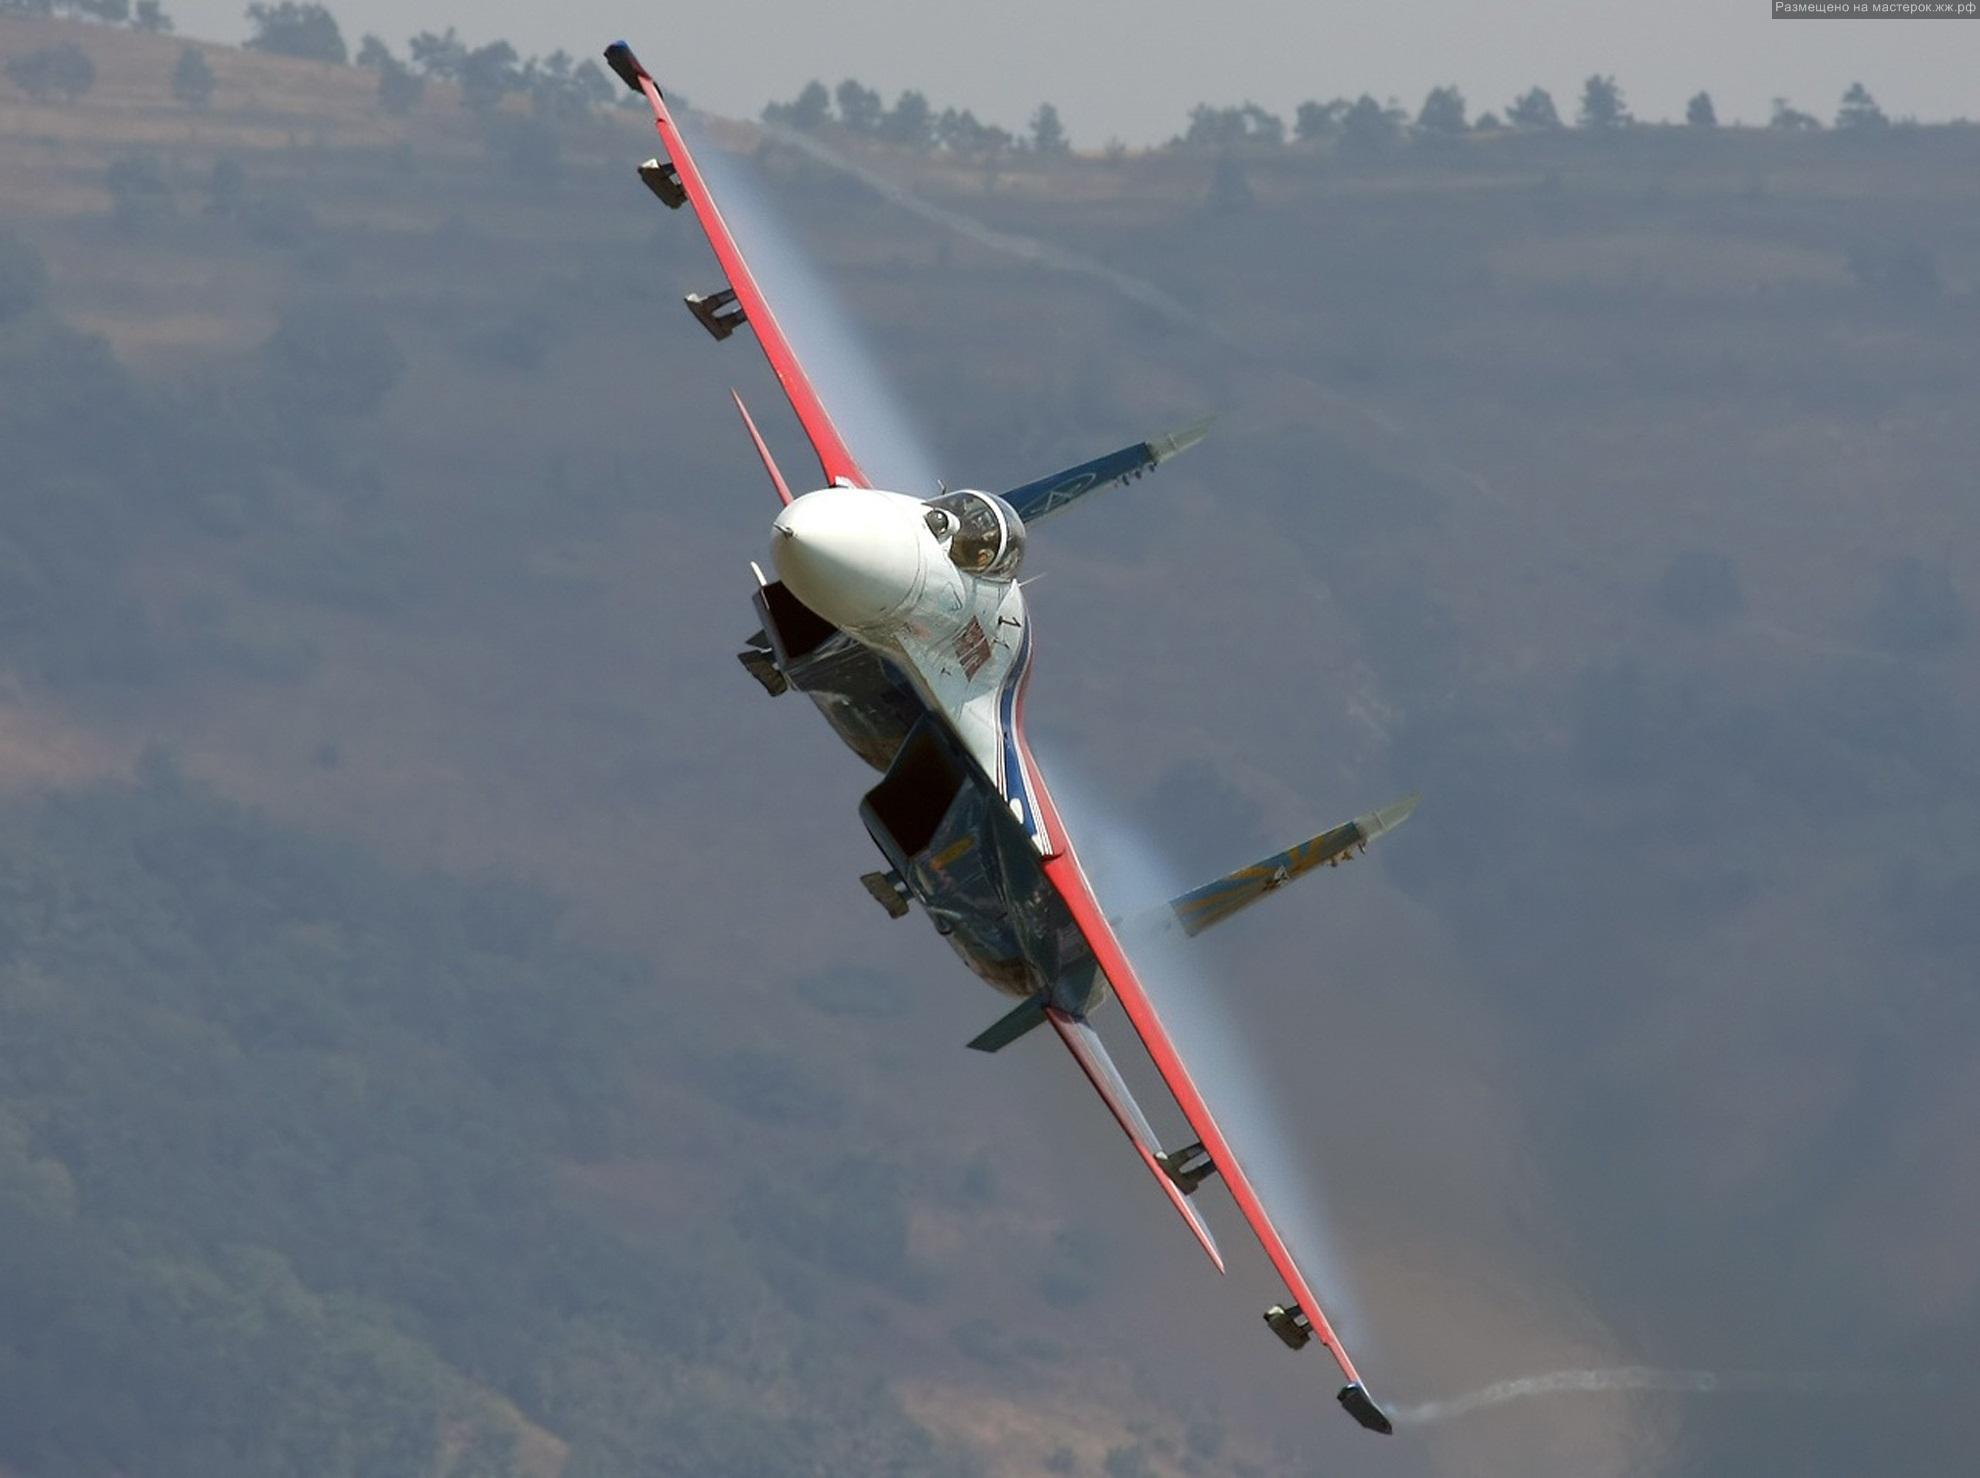 Изображение Полёт, Су-27.  Авиация, Машины-техника Фабрика картинок - PicsFab.com.  Обои для рабочего стола.